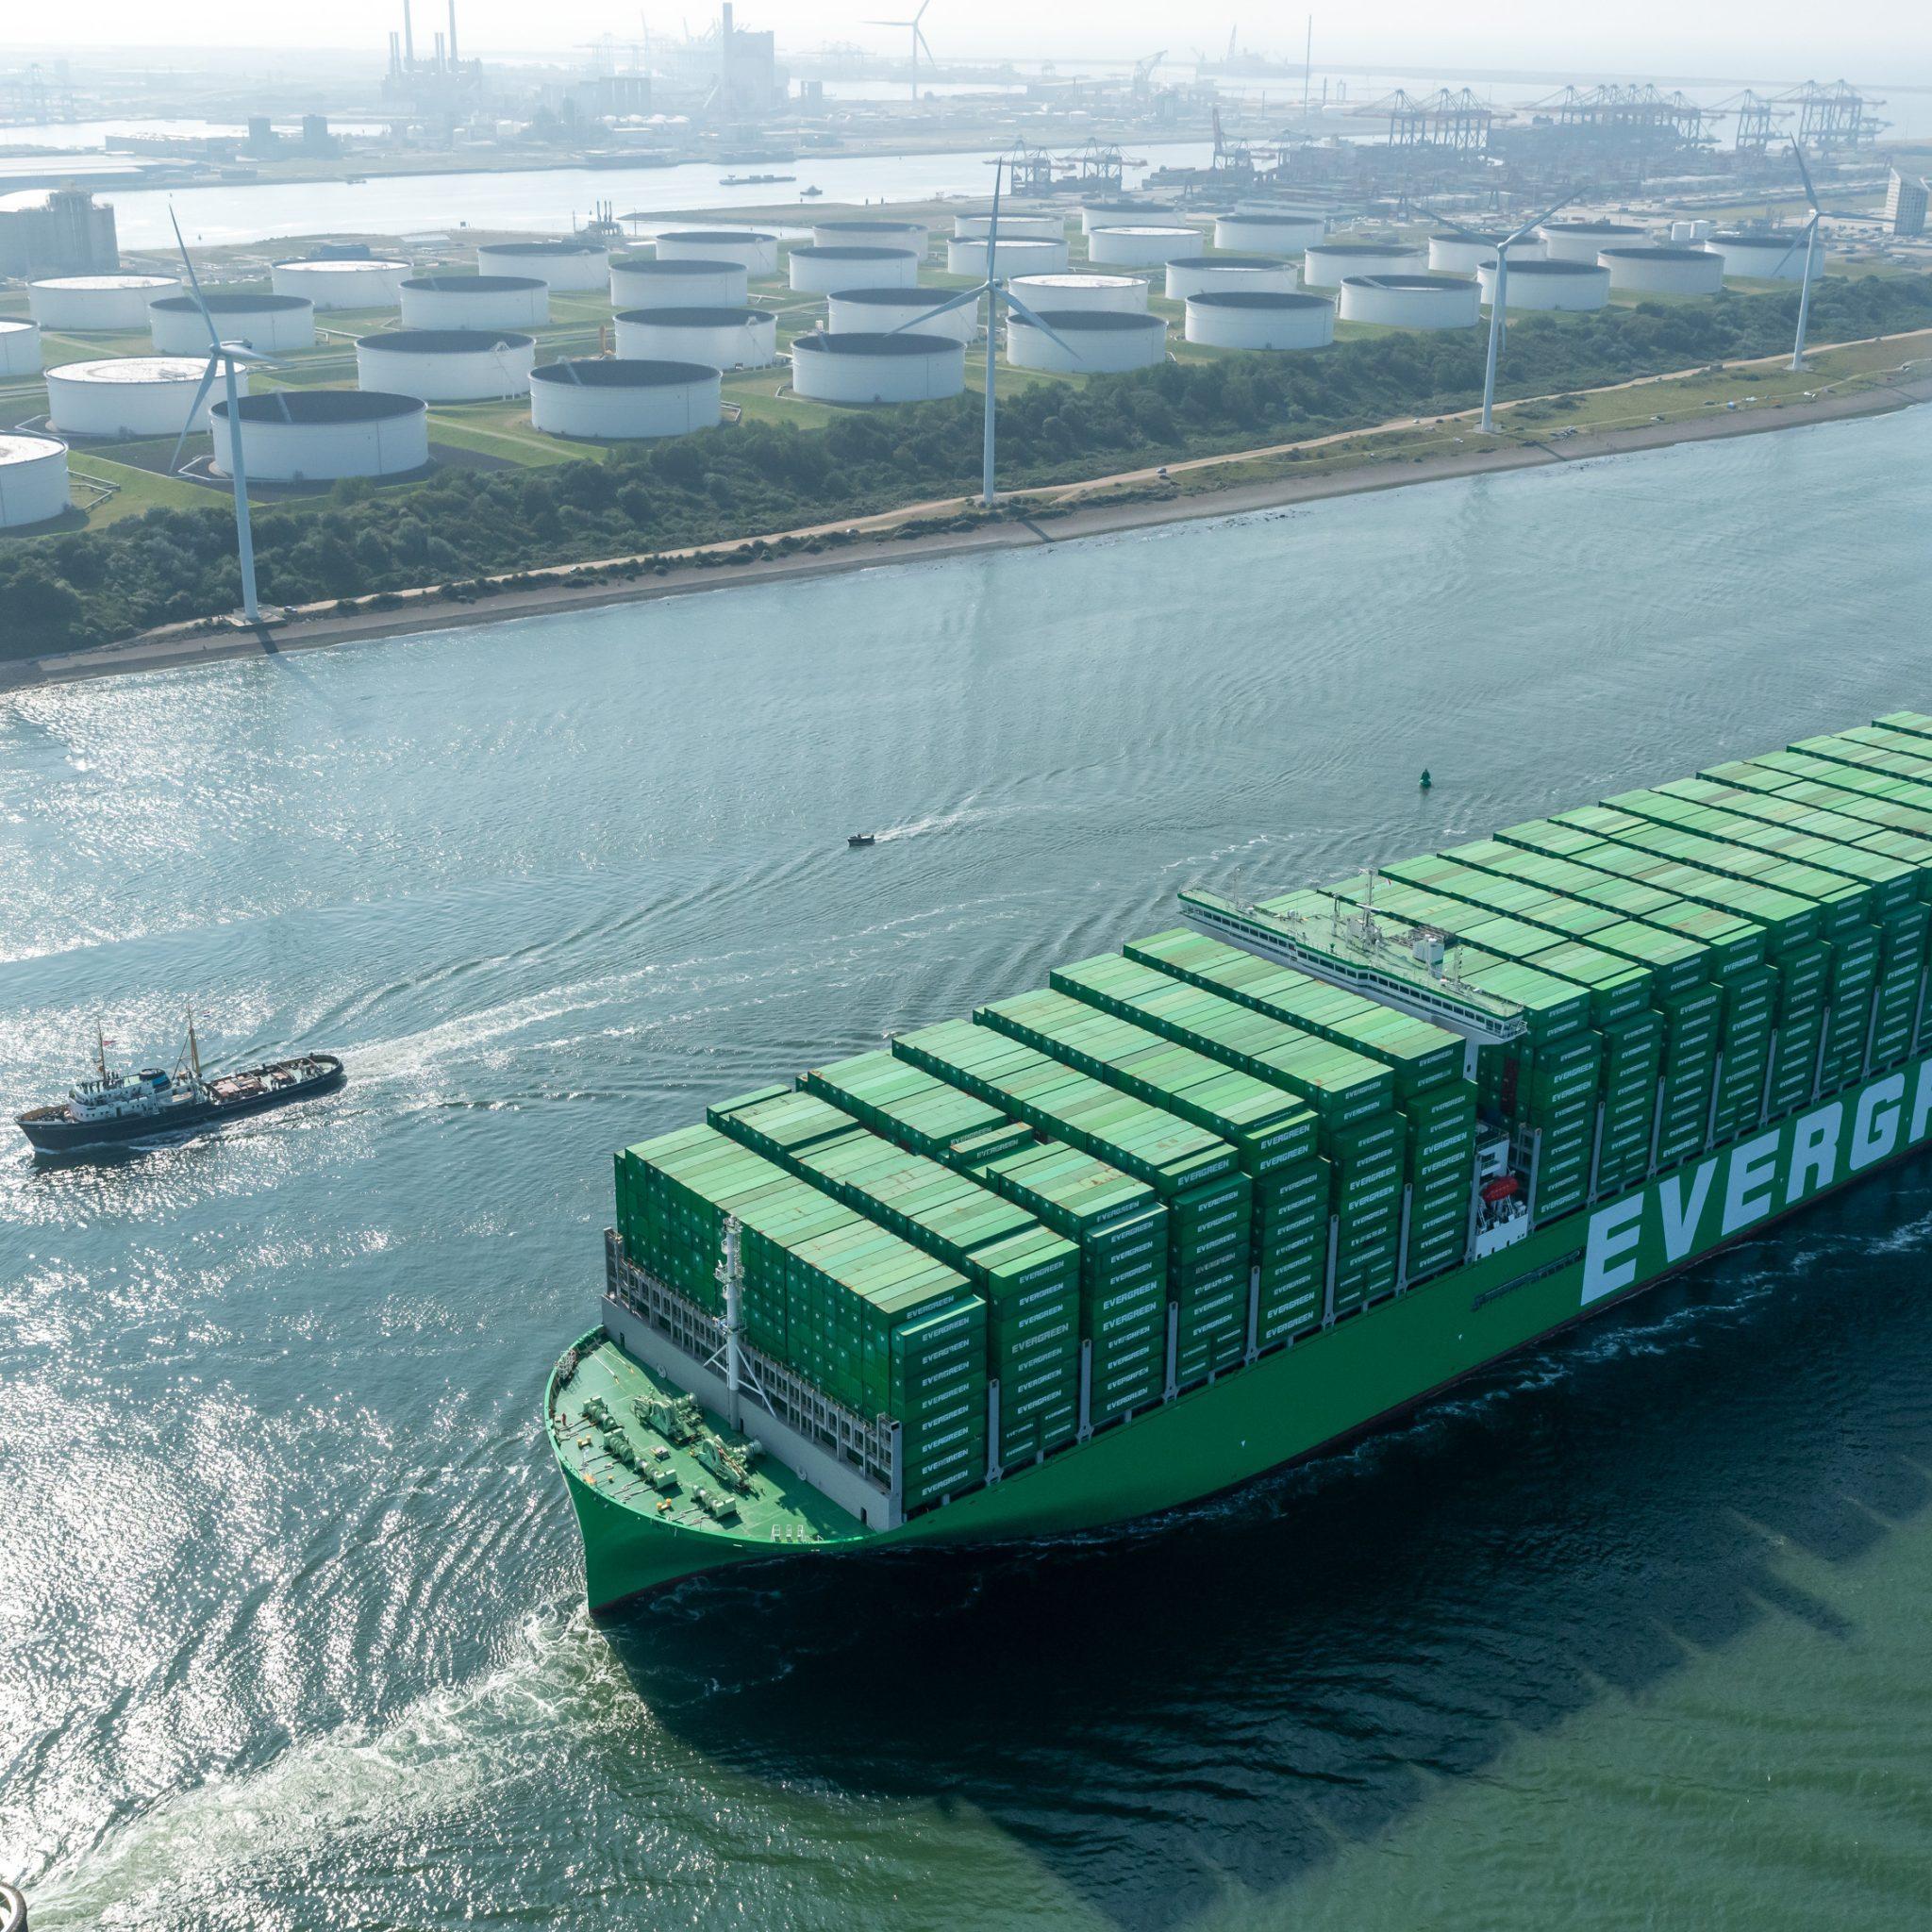 Het nieuwe order van Evergreen bedraagt ruim kleinere schepen dan deze Ever Ace. (Foto Havenbedrijf Rotterdam)